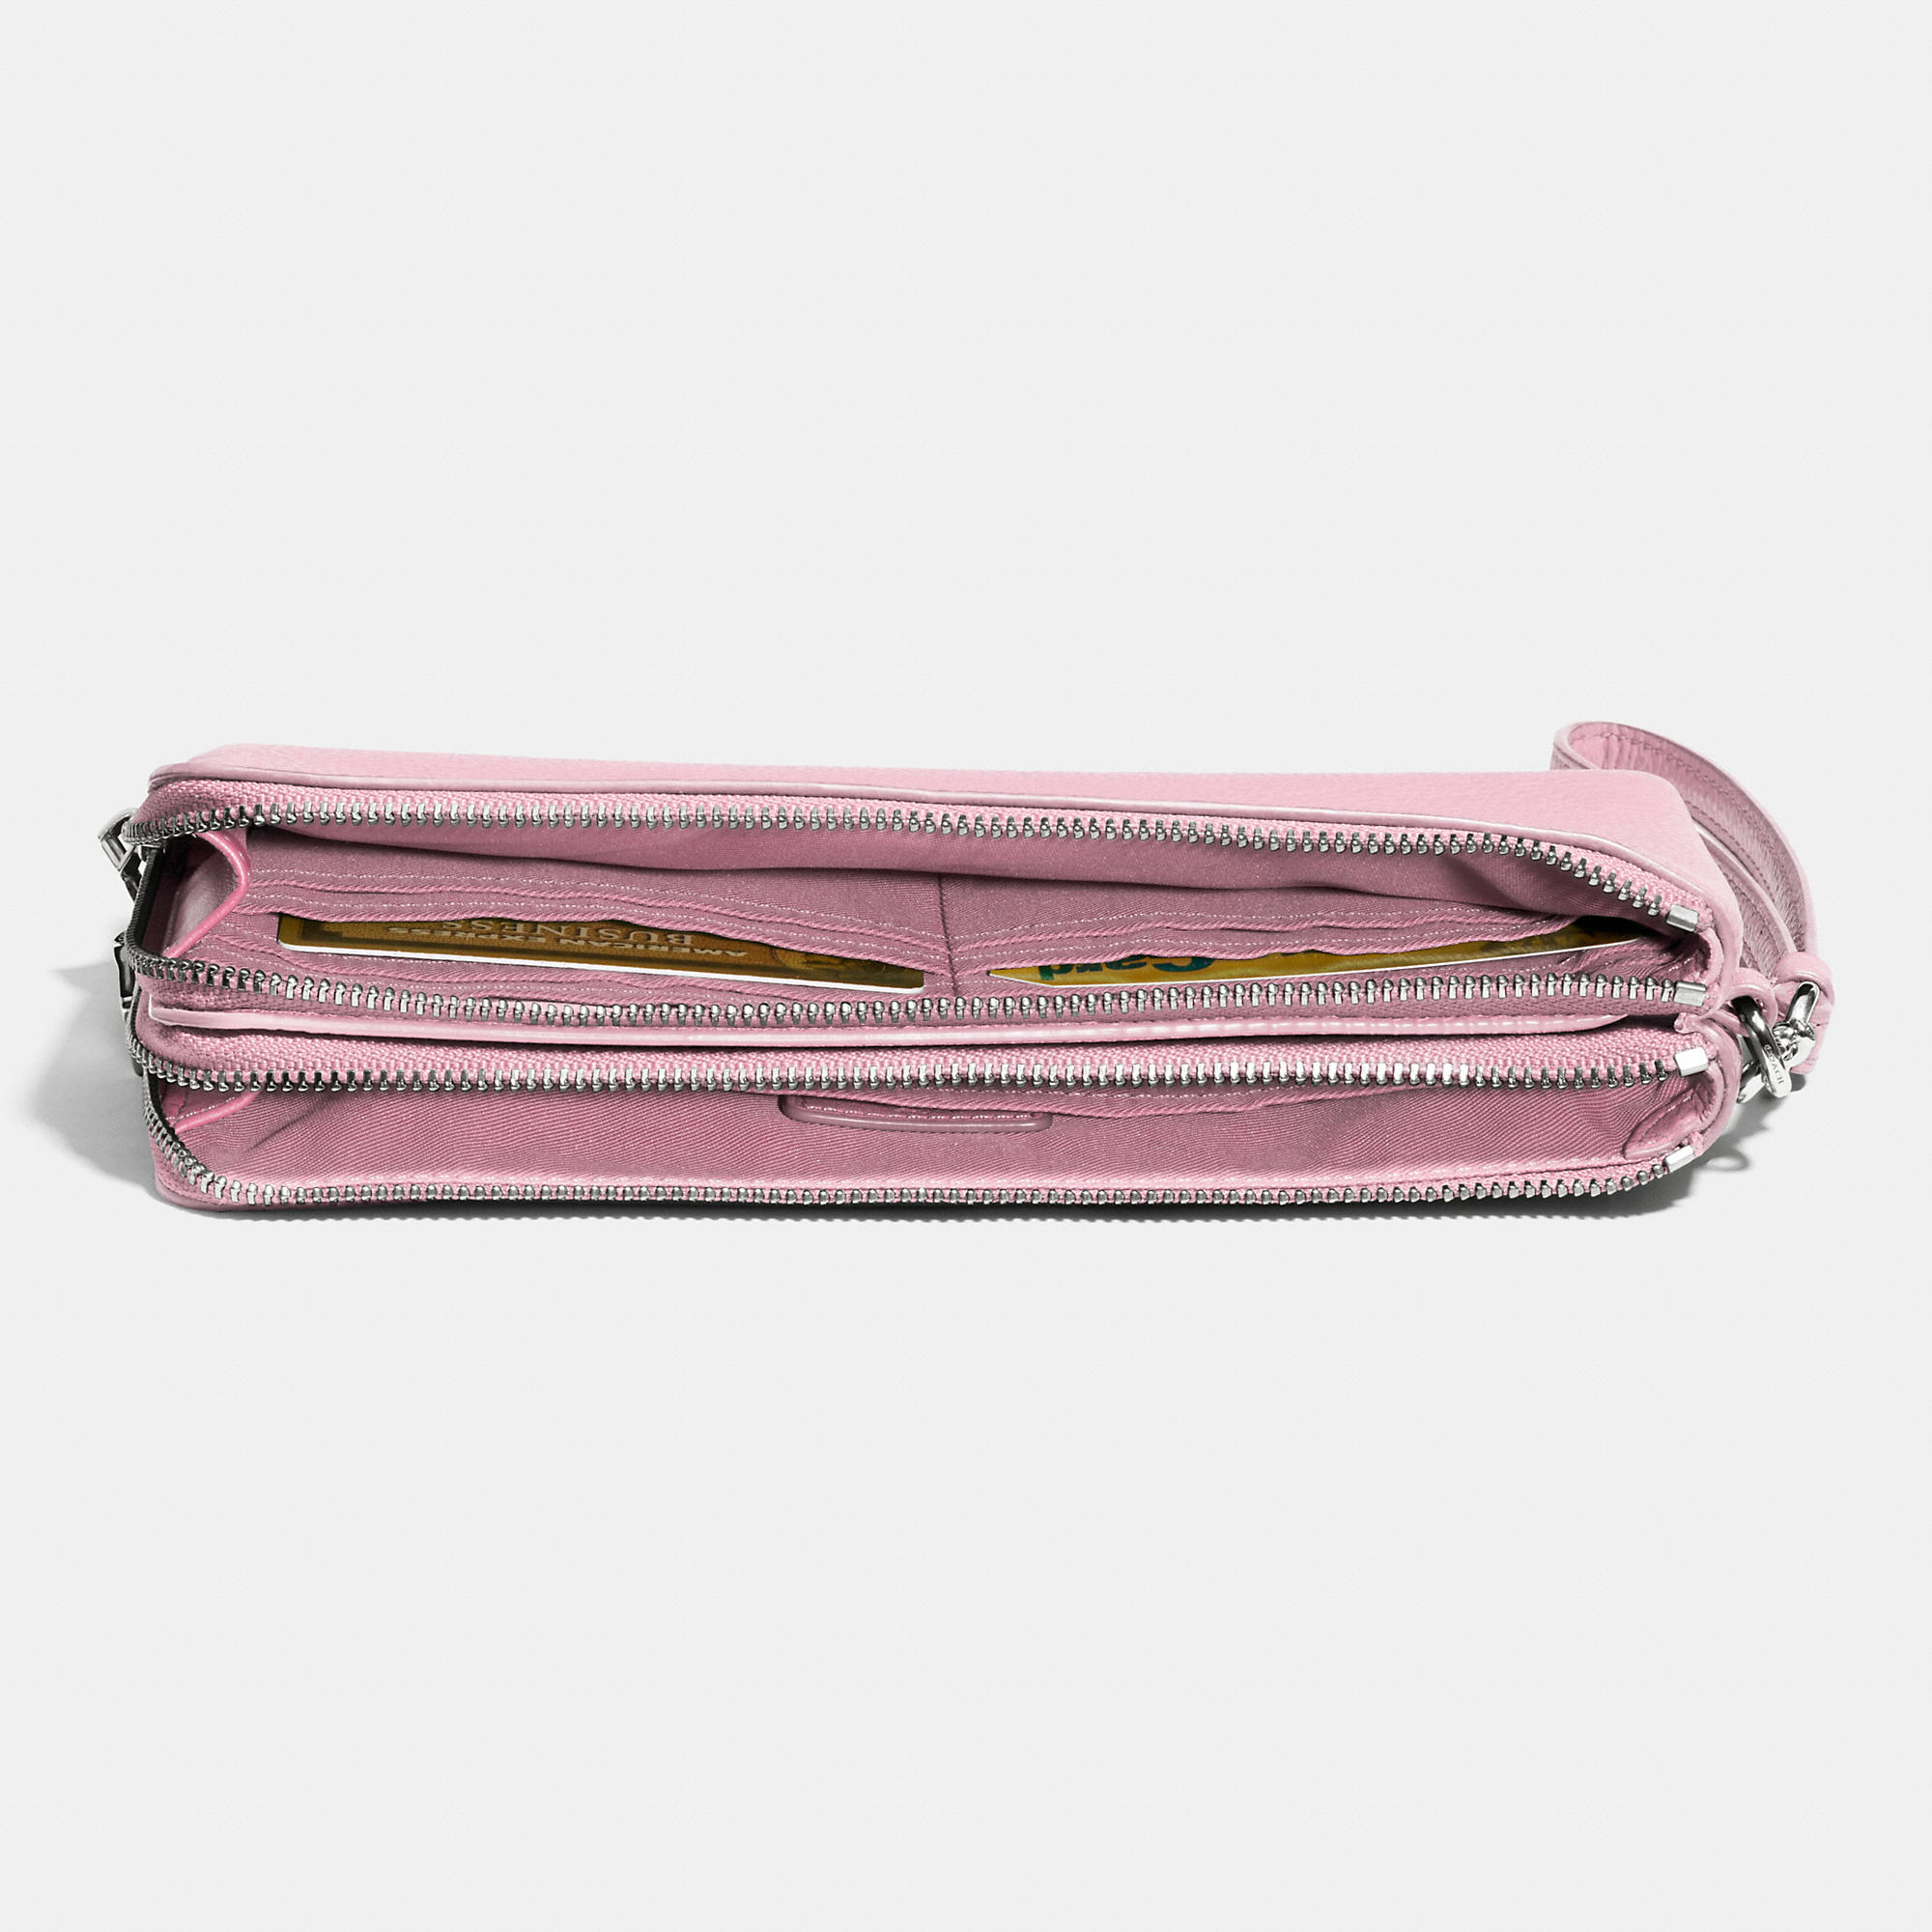 Women'S Italian Leather Double Zip Wallets 35